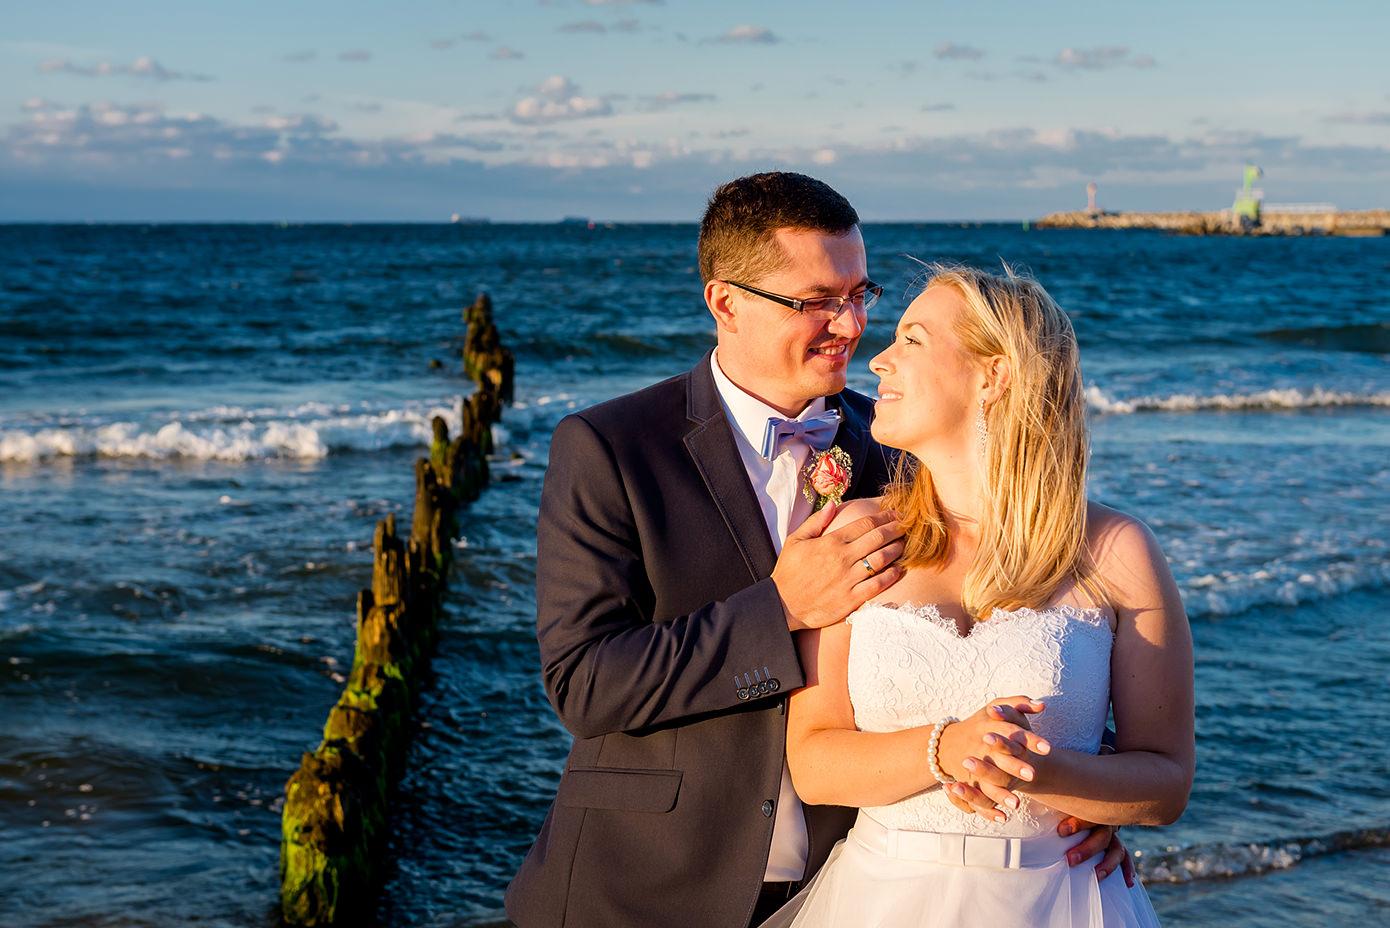 Rafał Kowalski Fotograf Ślubny opinie - zakochana Para młoda w świetle zachodzącego słońca na plenerowej sesji ślubnej na plaży w Górkach Zachodnich